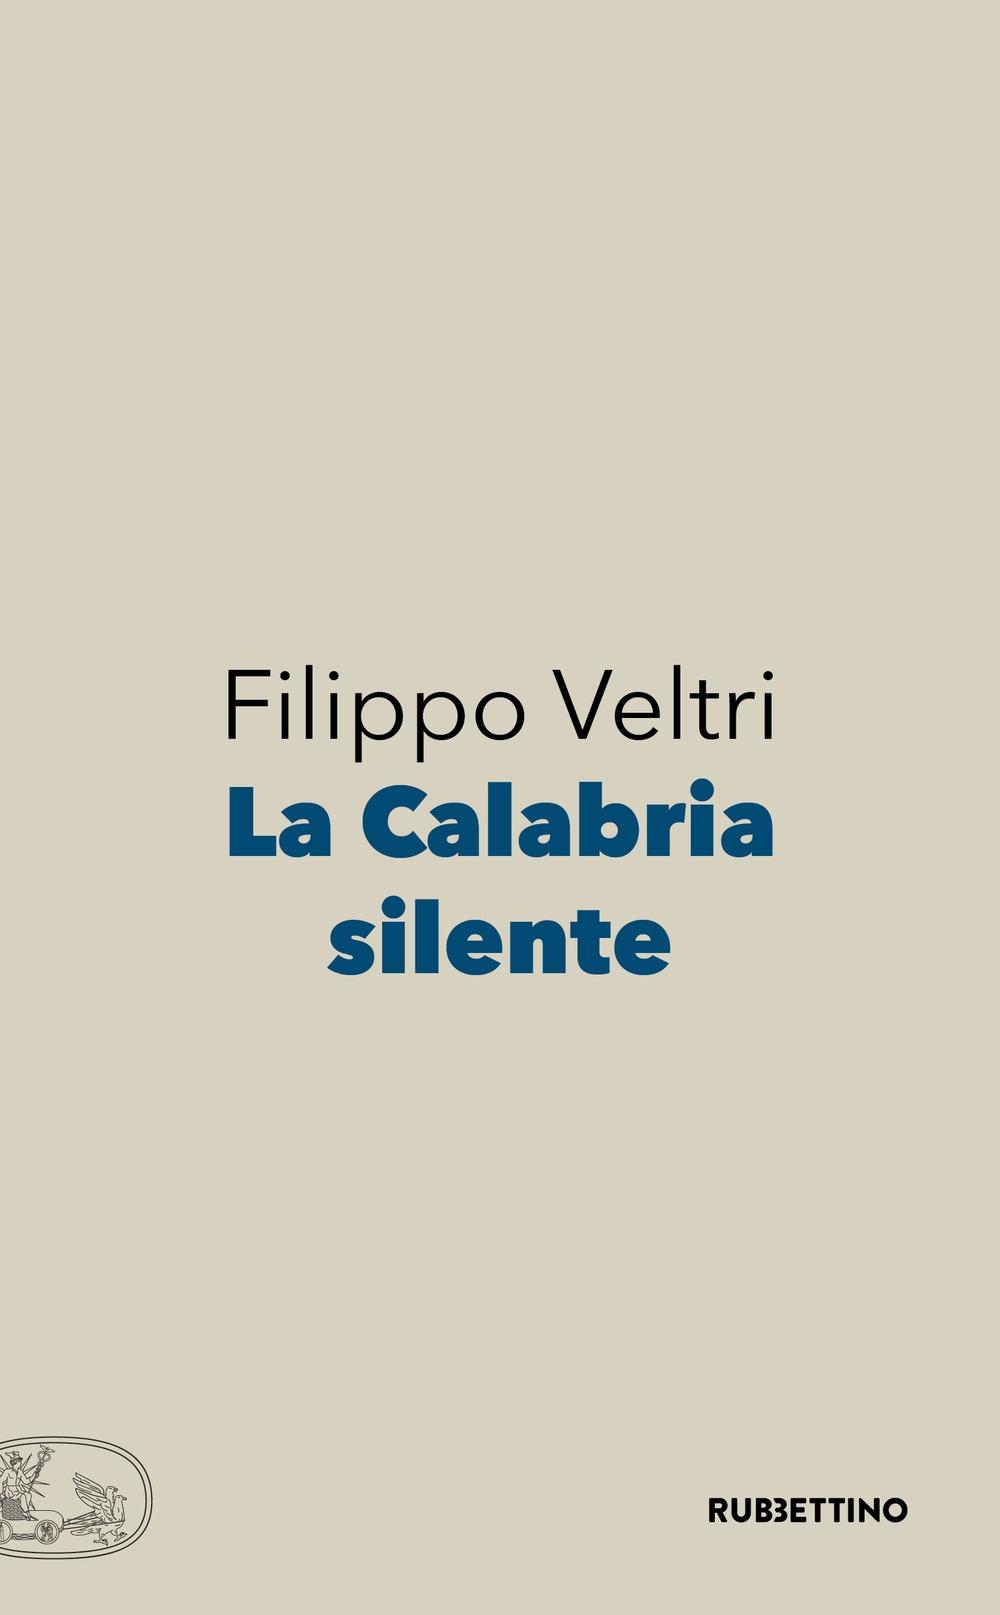 La Calabria silente